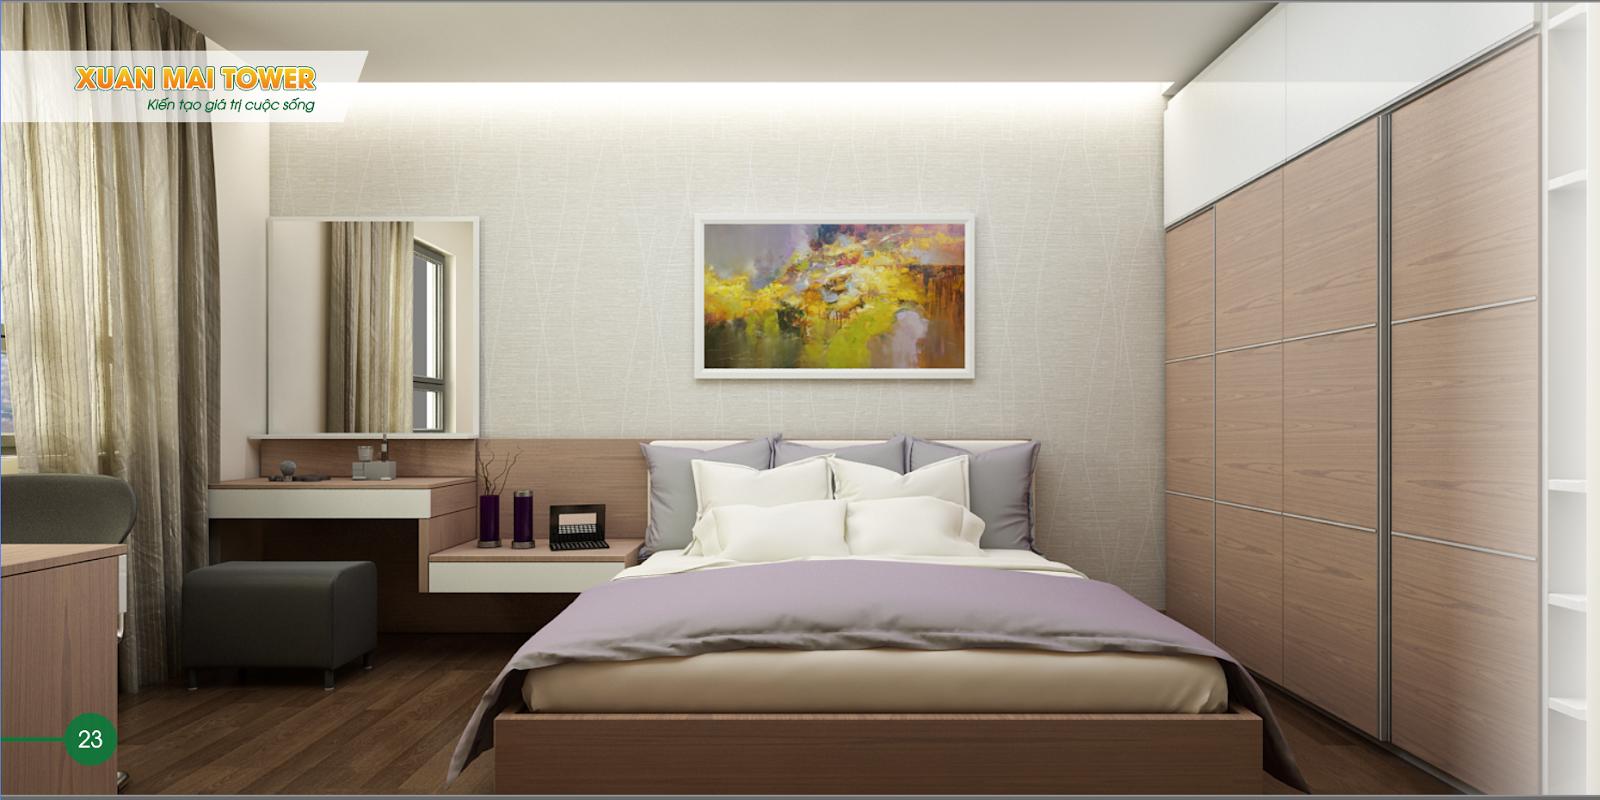 Phòng ngủ Xuân Mai Tower Thanh Hoá